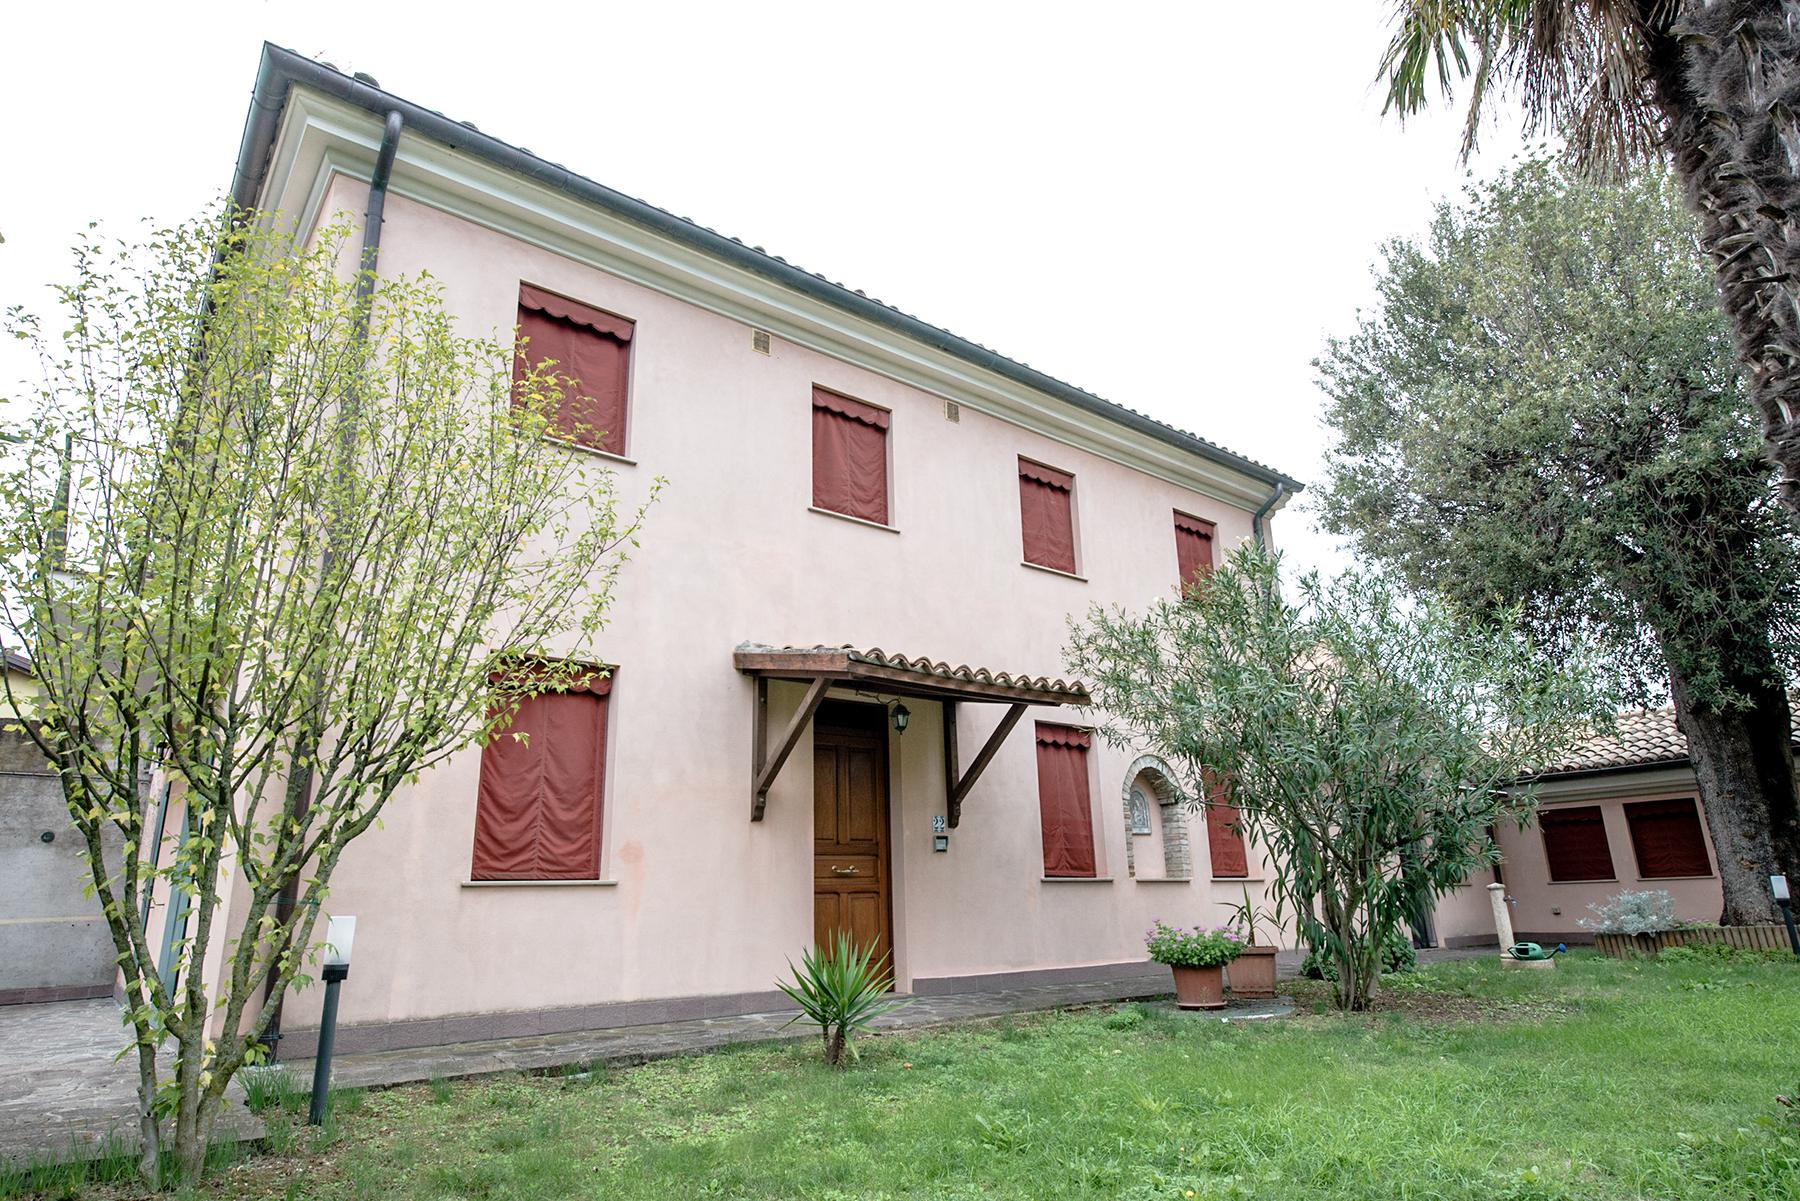 Villa in Vendita a Mondolfo: 5 locali, 240 mq - Foto 8